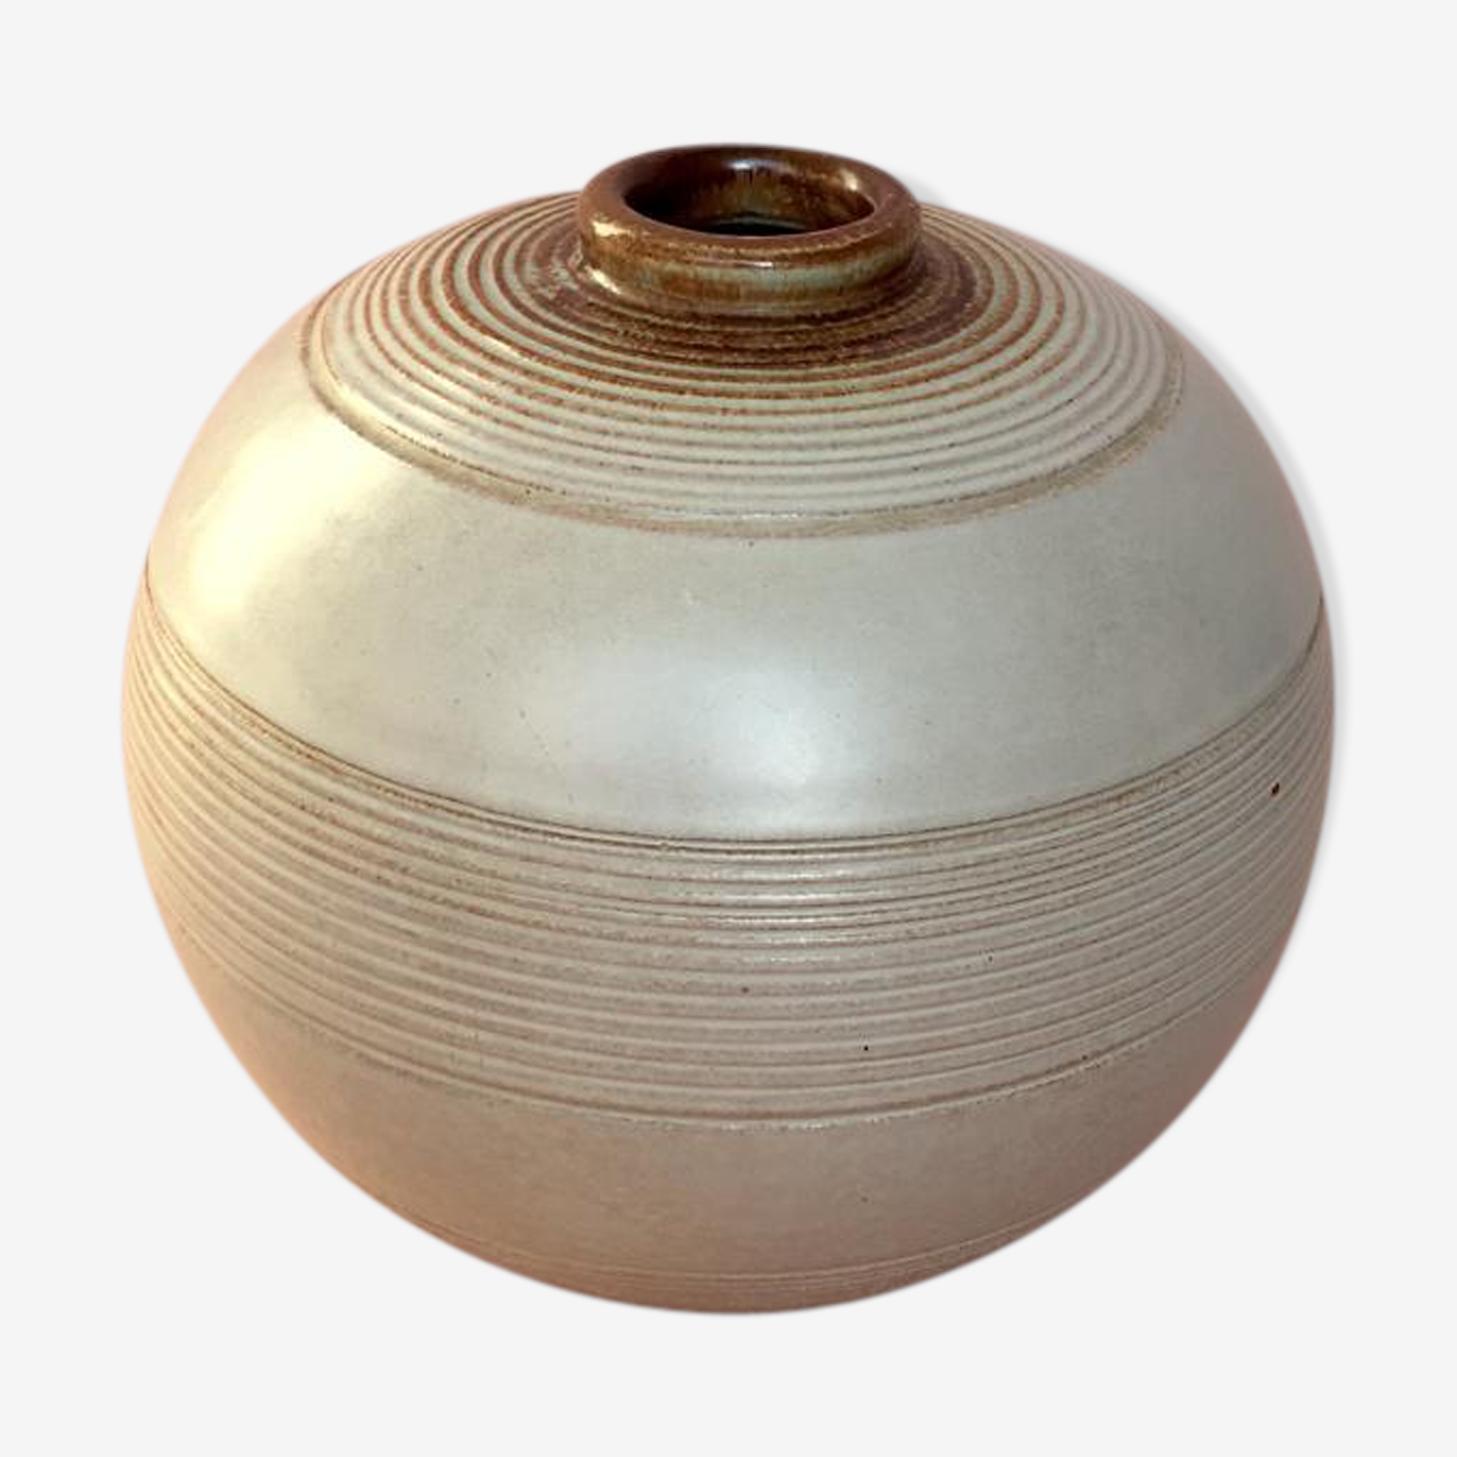 Vase en céramique art déco par Anna-Lisa Thomson pour Upsala Ekeby années 1930